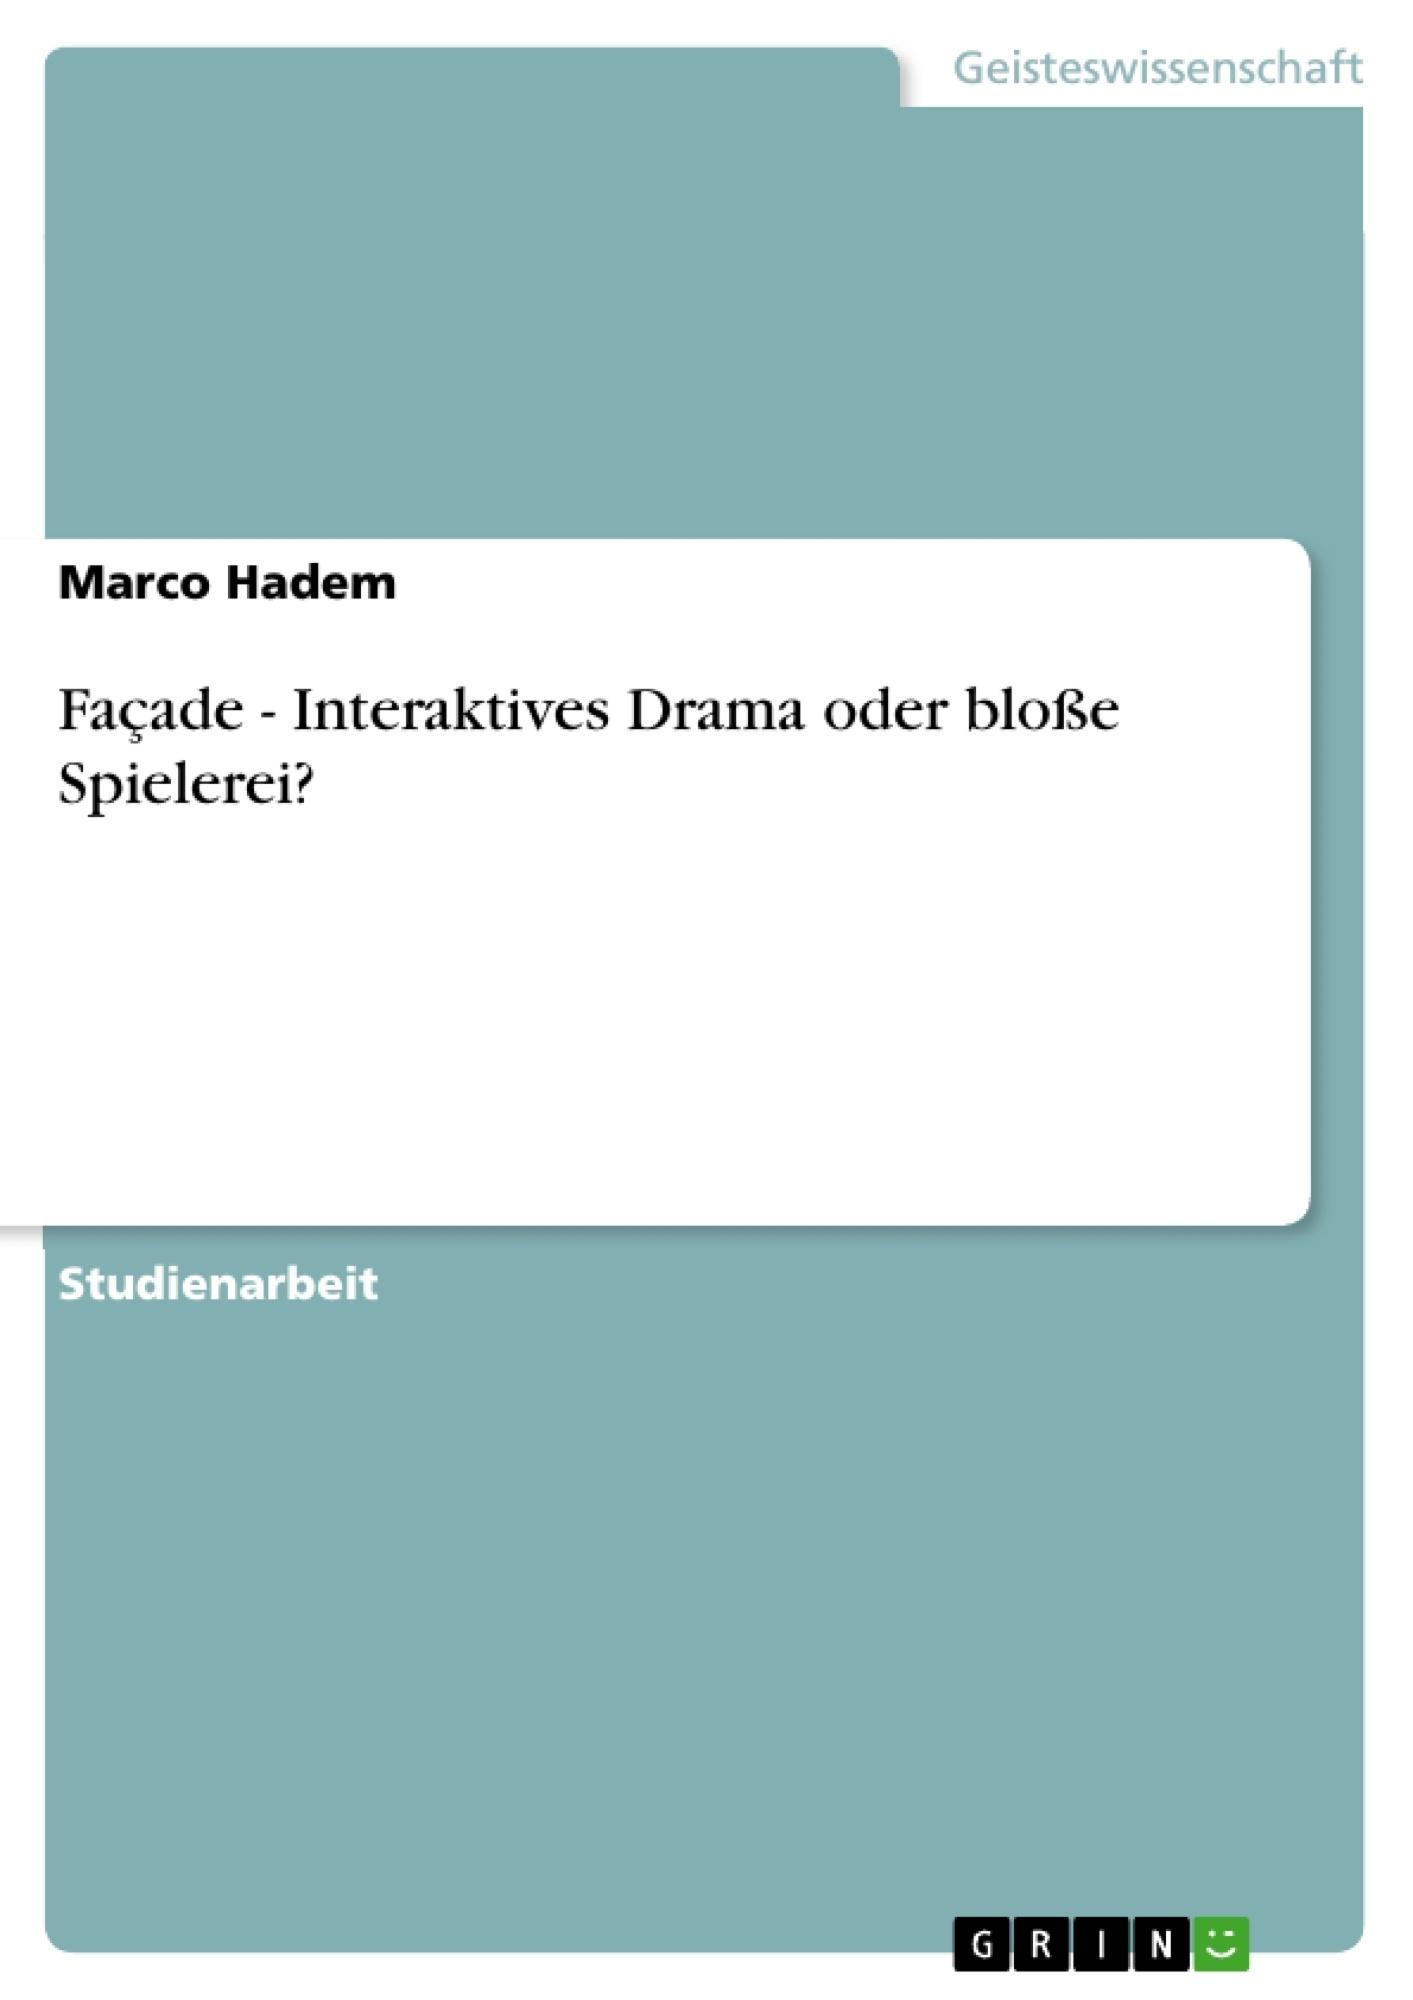 Titel: Façade - Interaktives Drama oder bloße Spielerei?